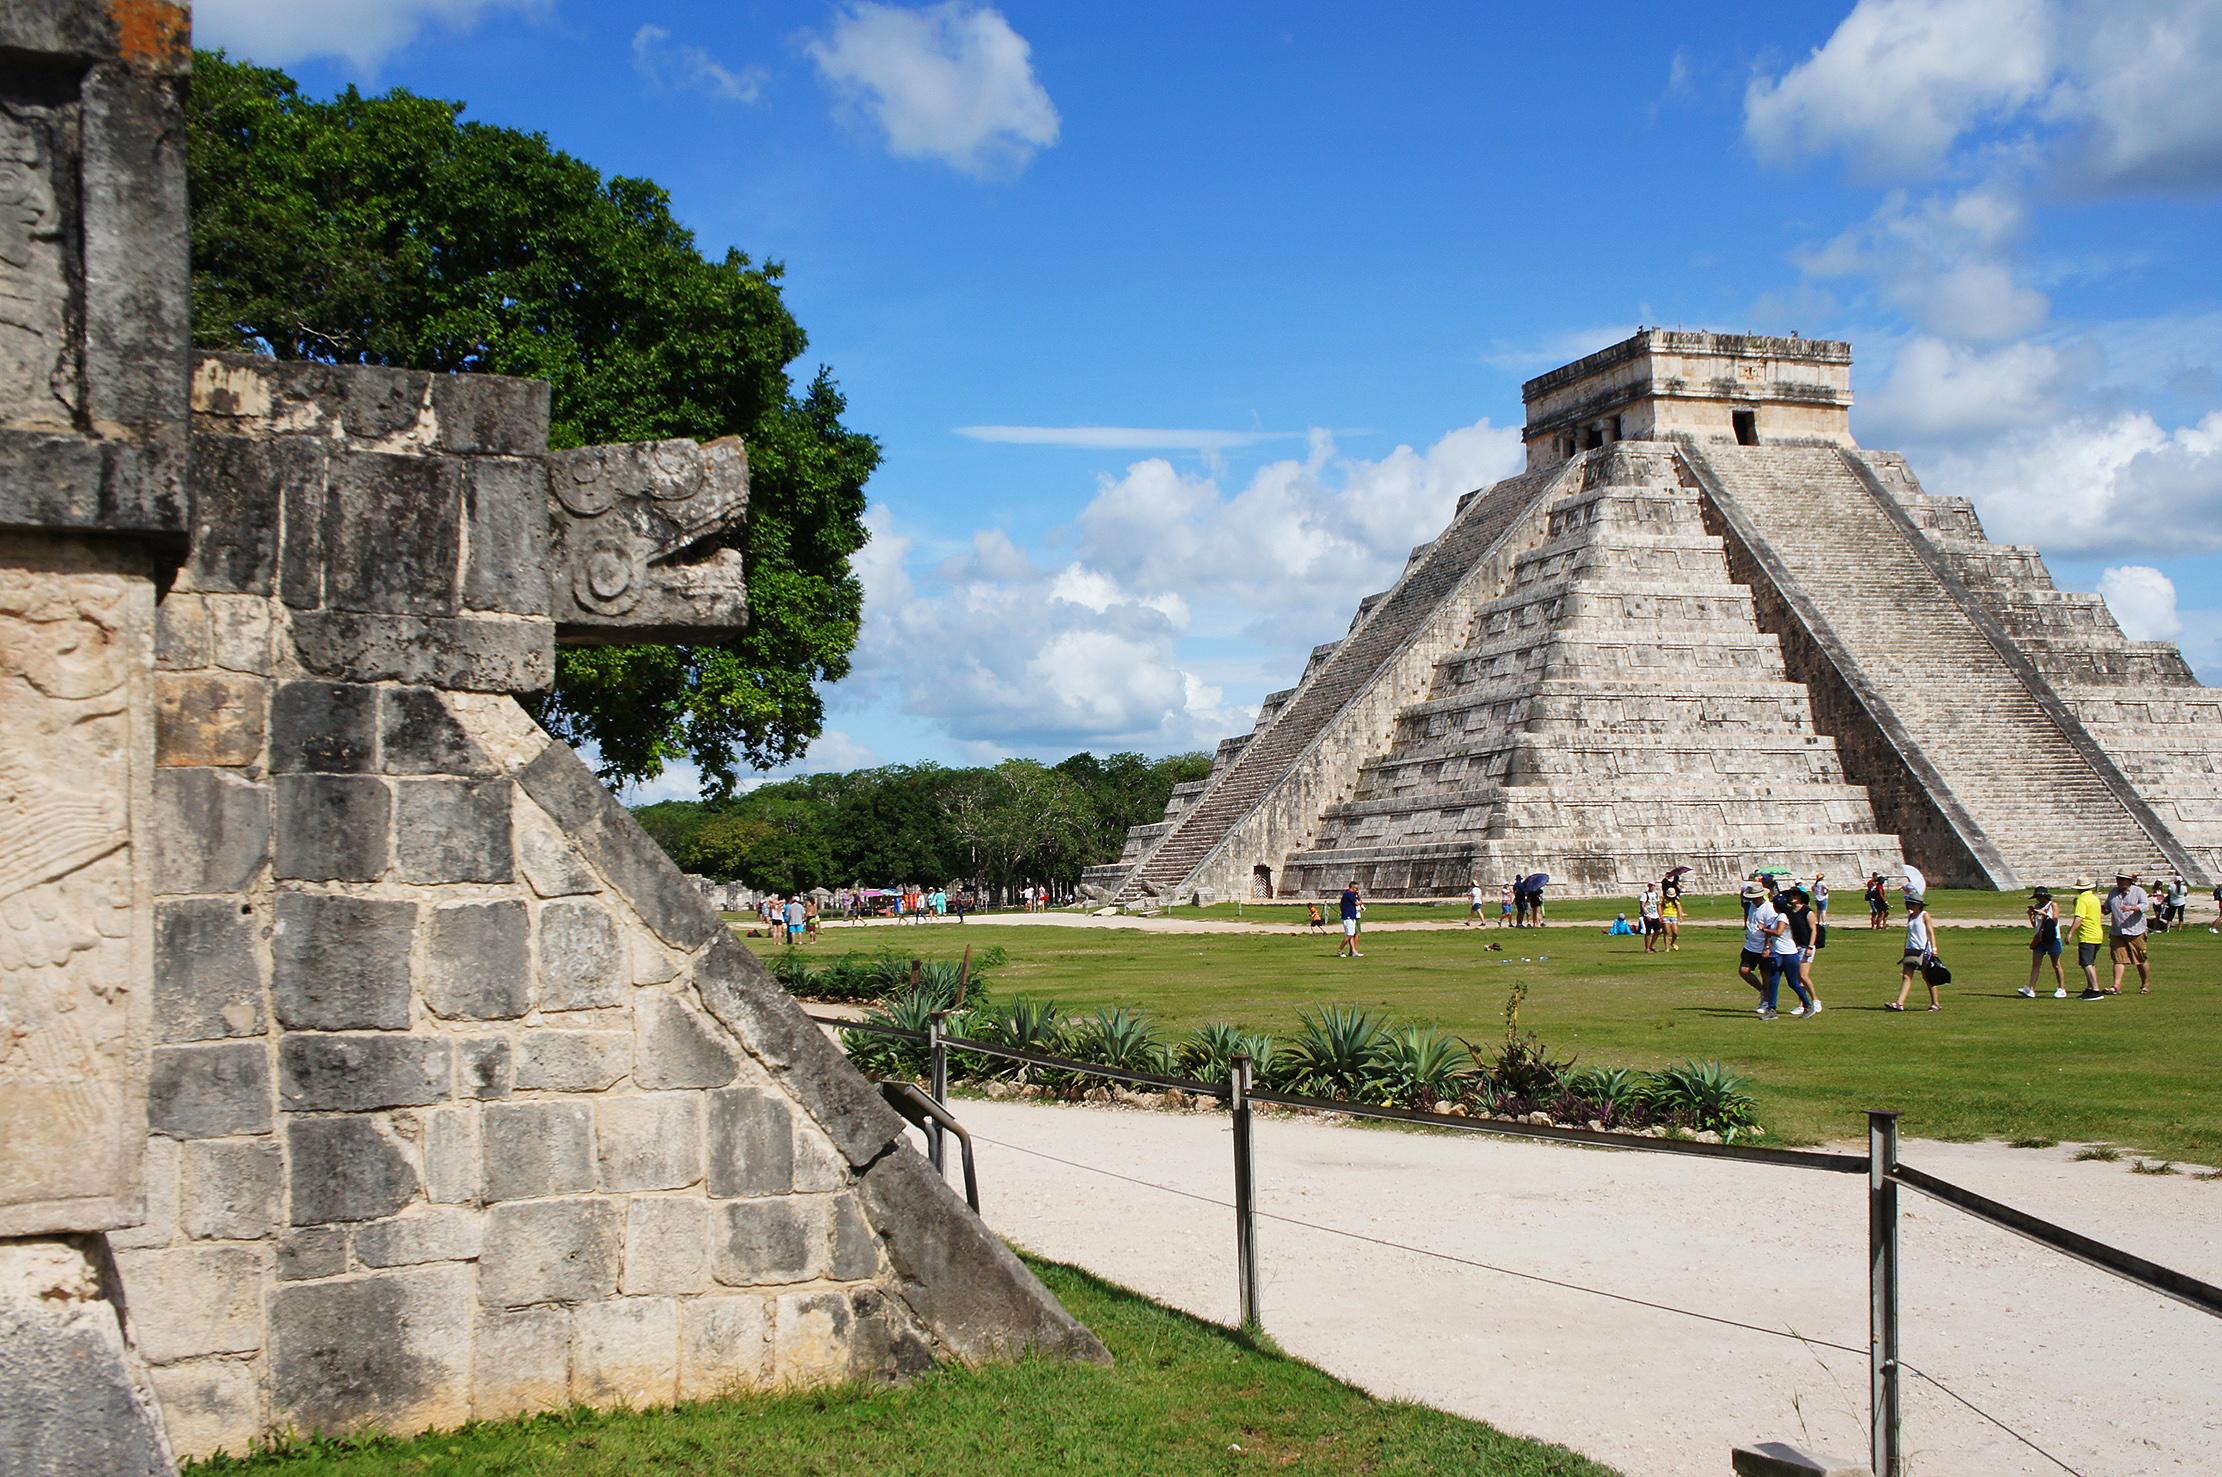 Пирамиды росли ввысь, чтобы быть ближе к богам